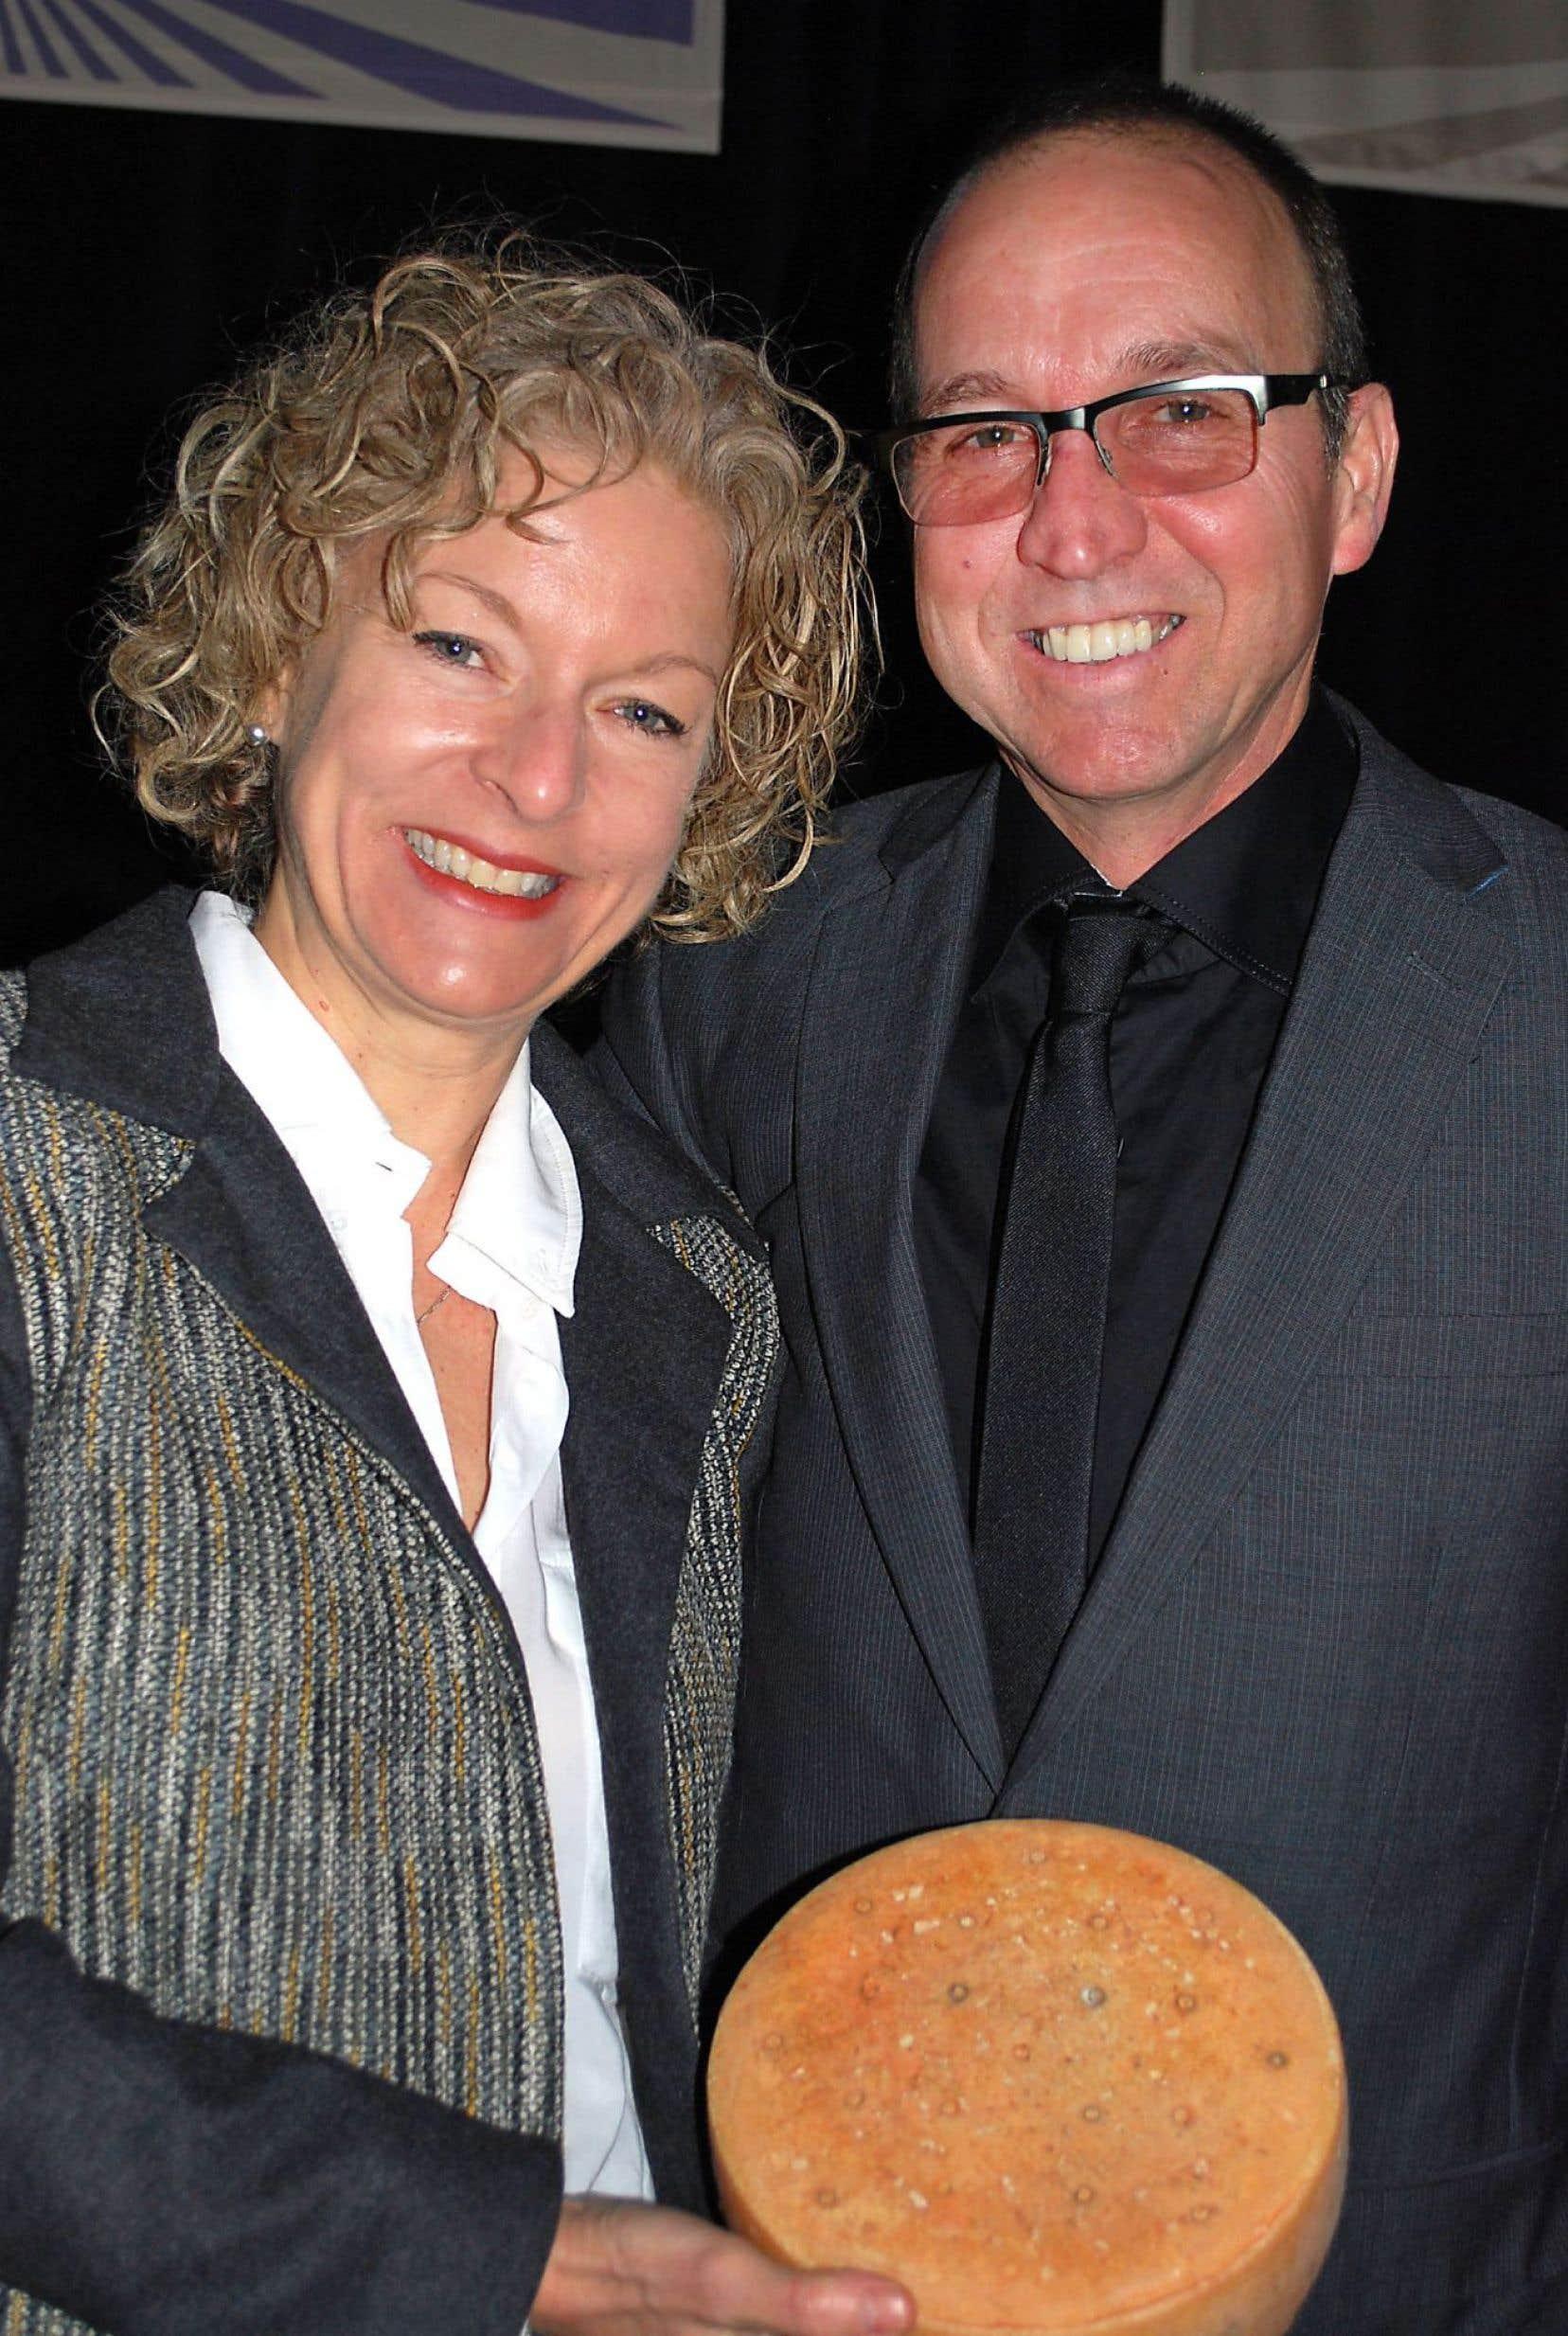 Suzanne Dufresne et Daniel Gosselin sont restés fidèles à leur vocation première : faire du fromage québécois biologique, au lait cru et de très haute qualité.